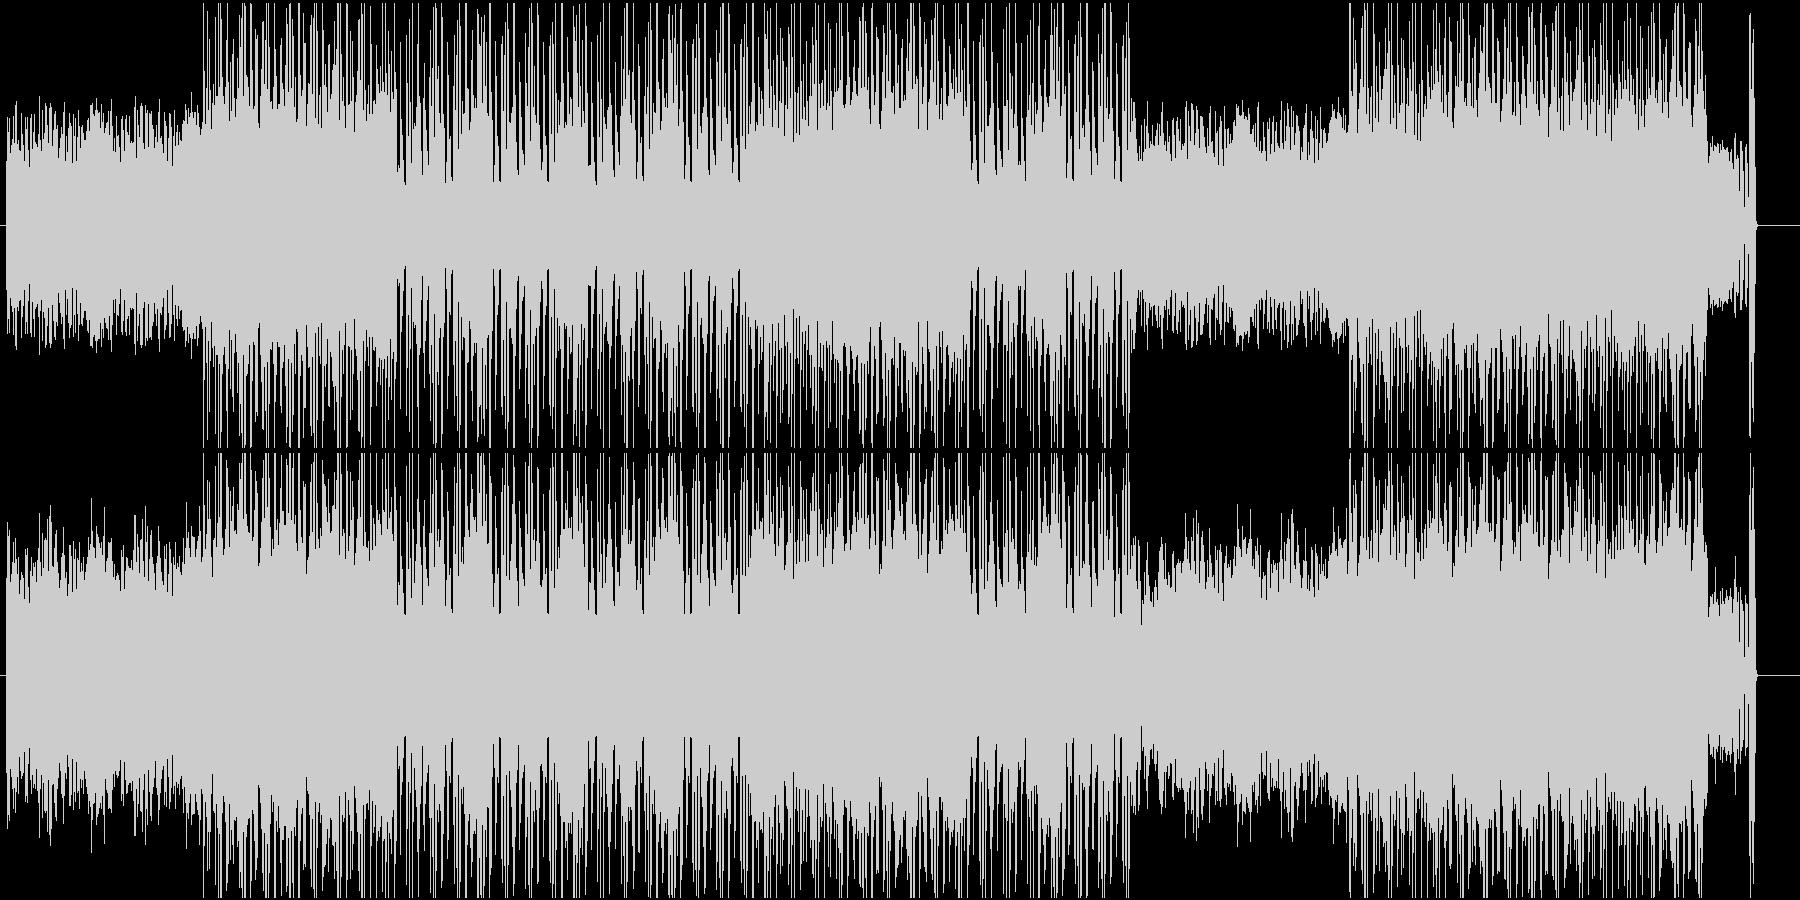 ロックとオーケストラを融合させた音源ですの未再生の波形